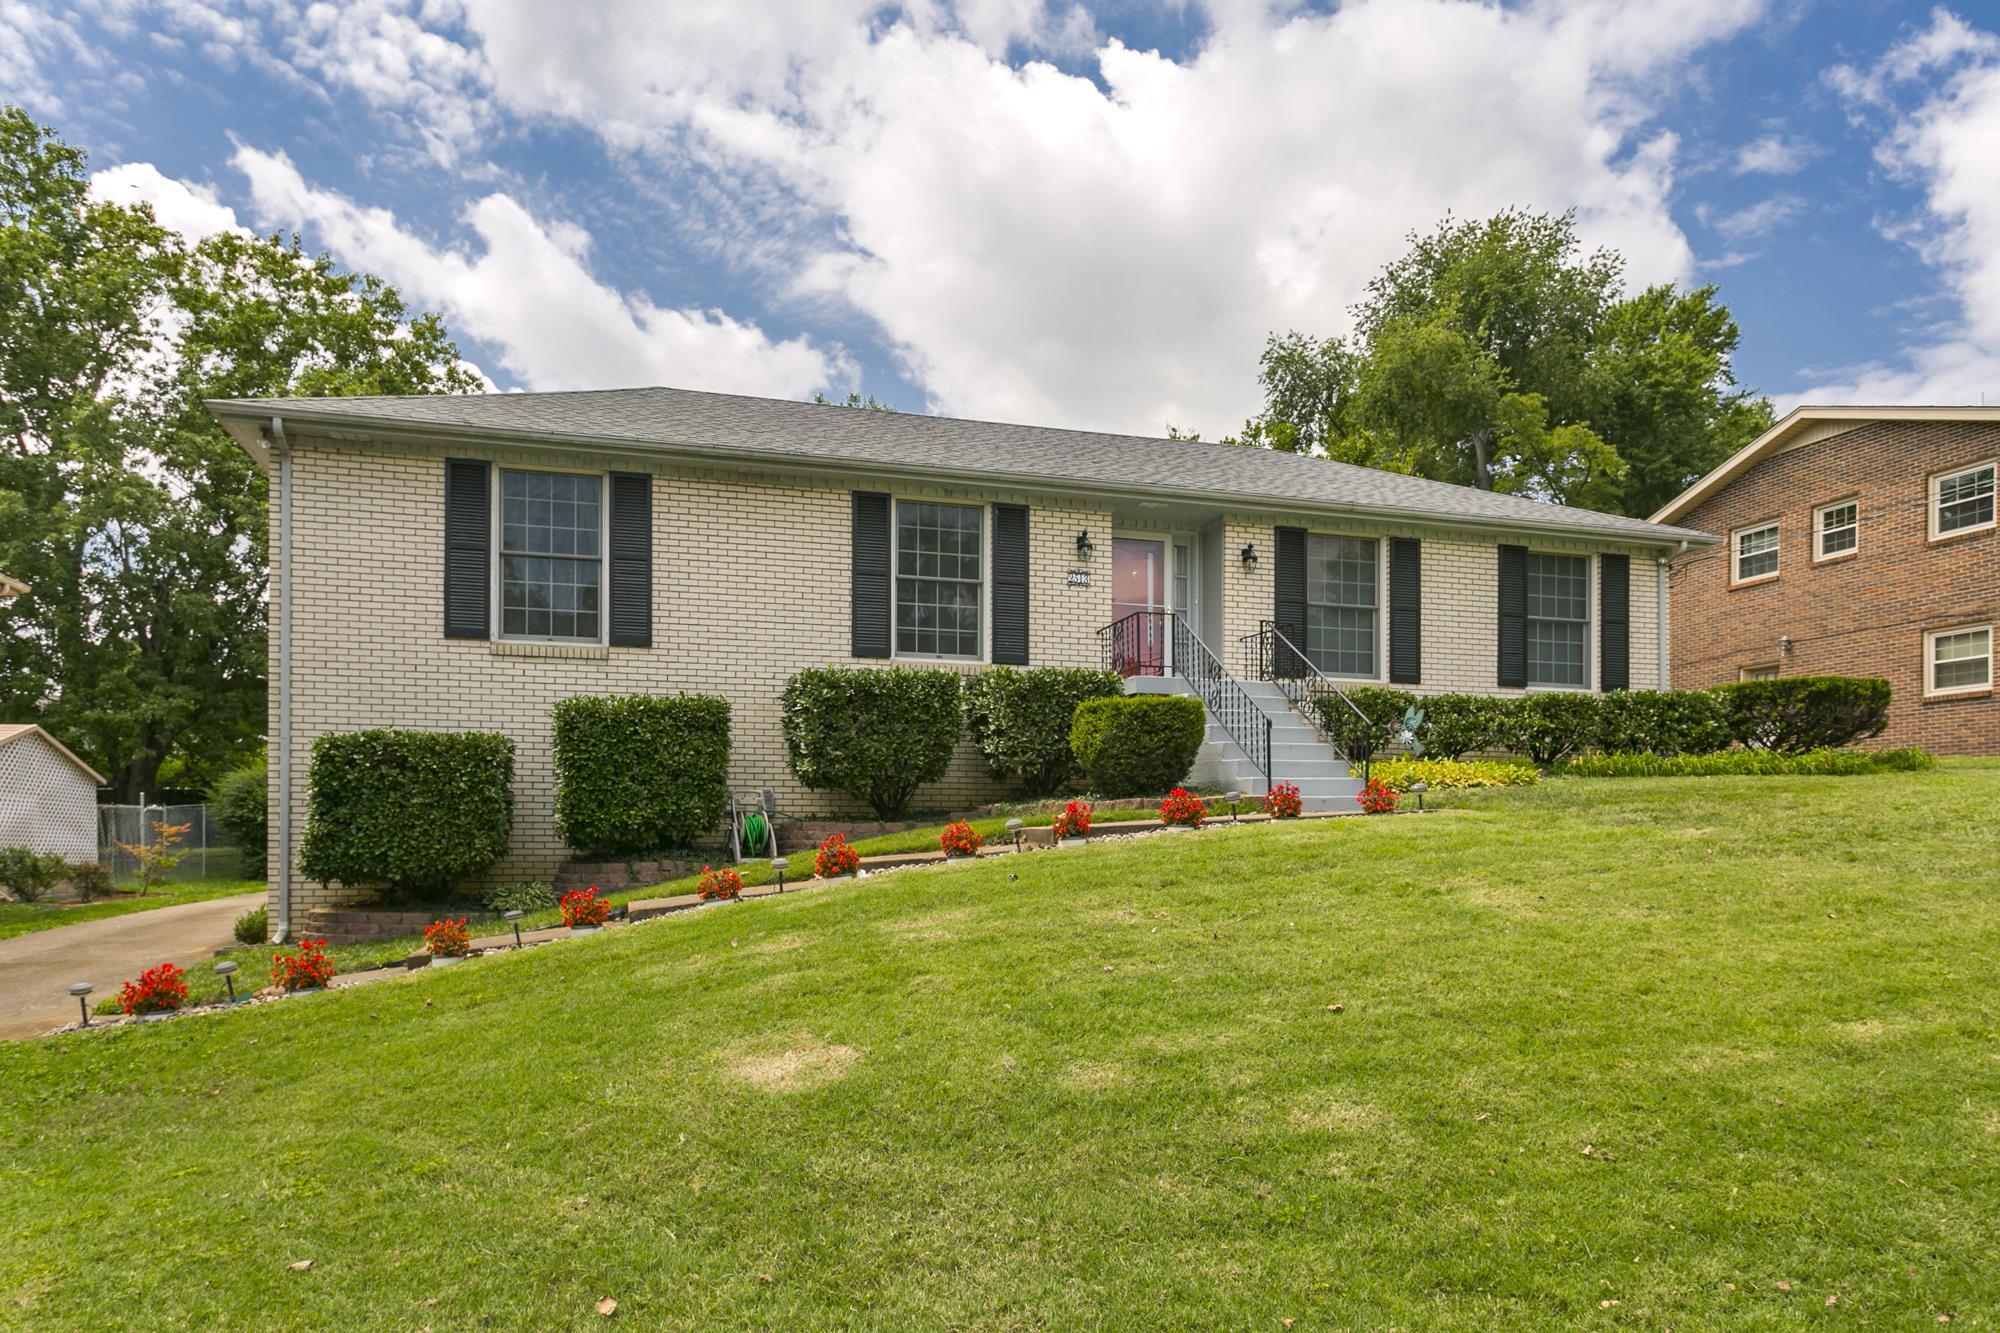 2513 Deerpath Drive, Nashville, TN 37217 - Nashville, TN real estate listing